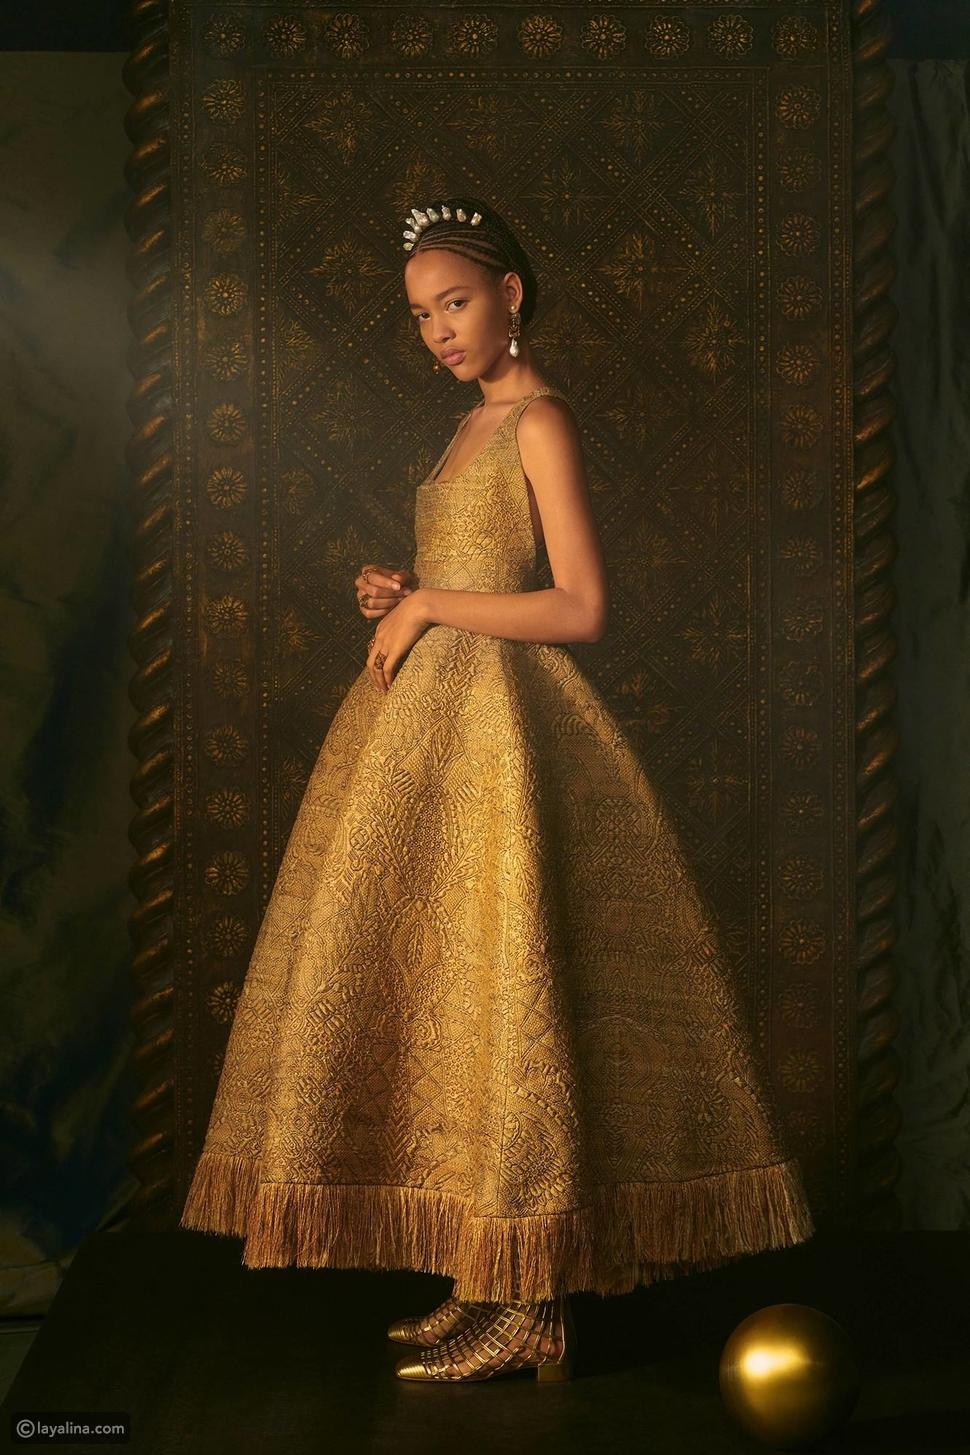 عرض ديور Diorمجموعة صوفية مستوحاة من التارو